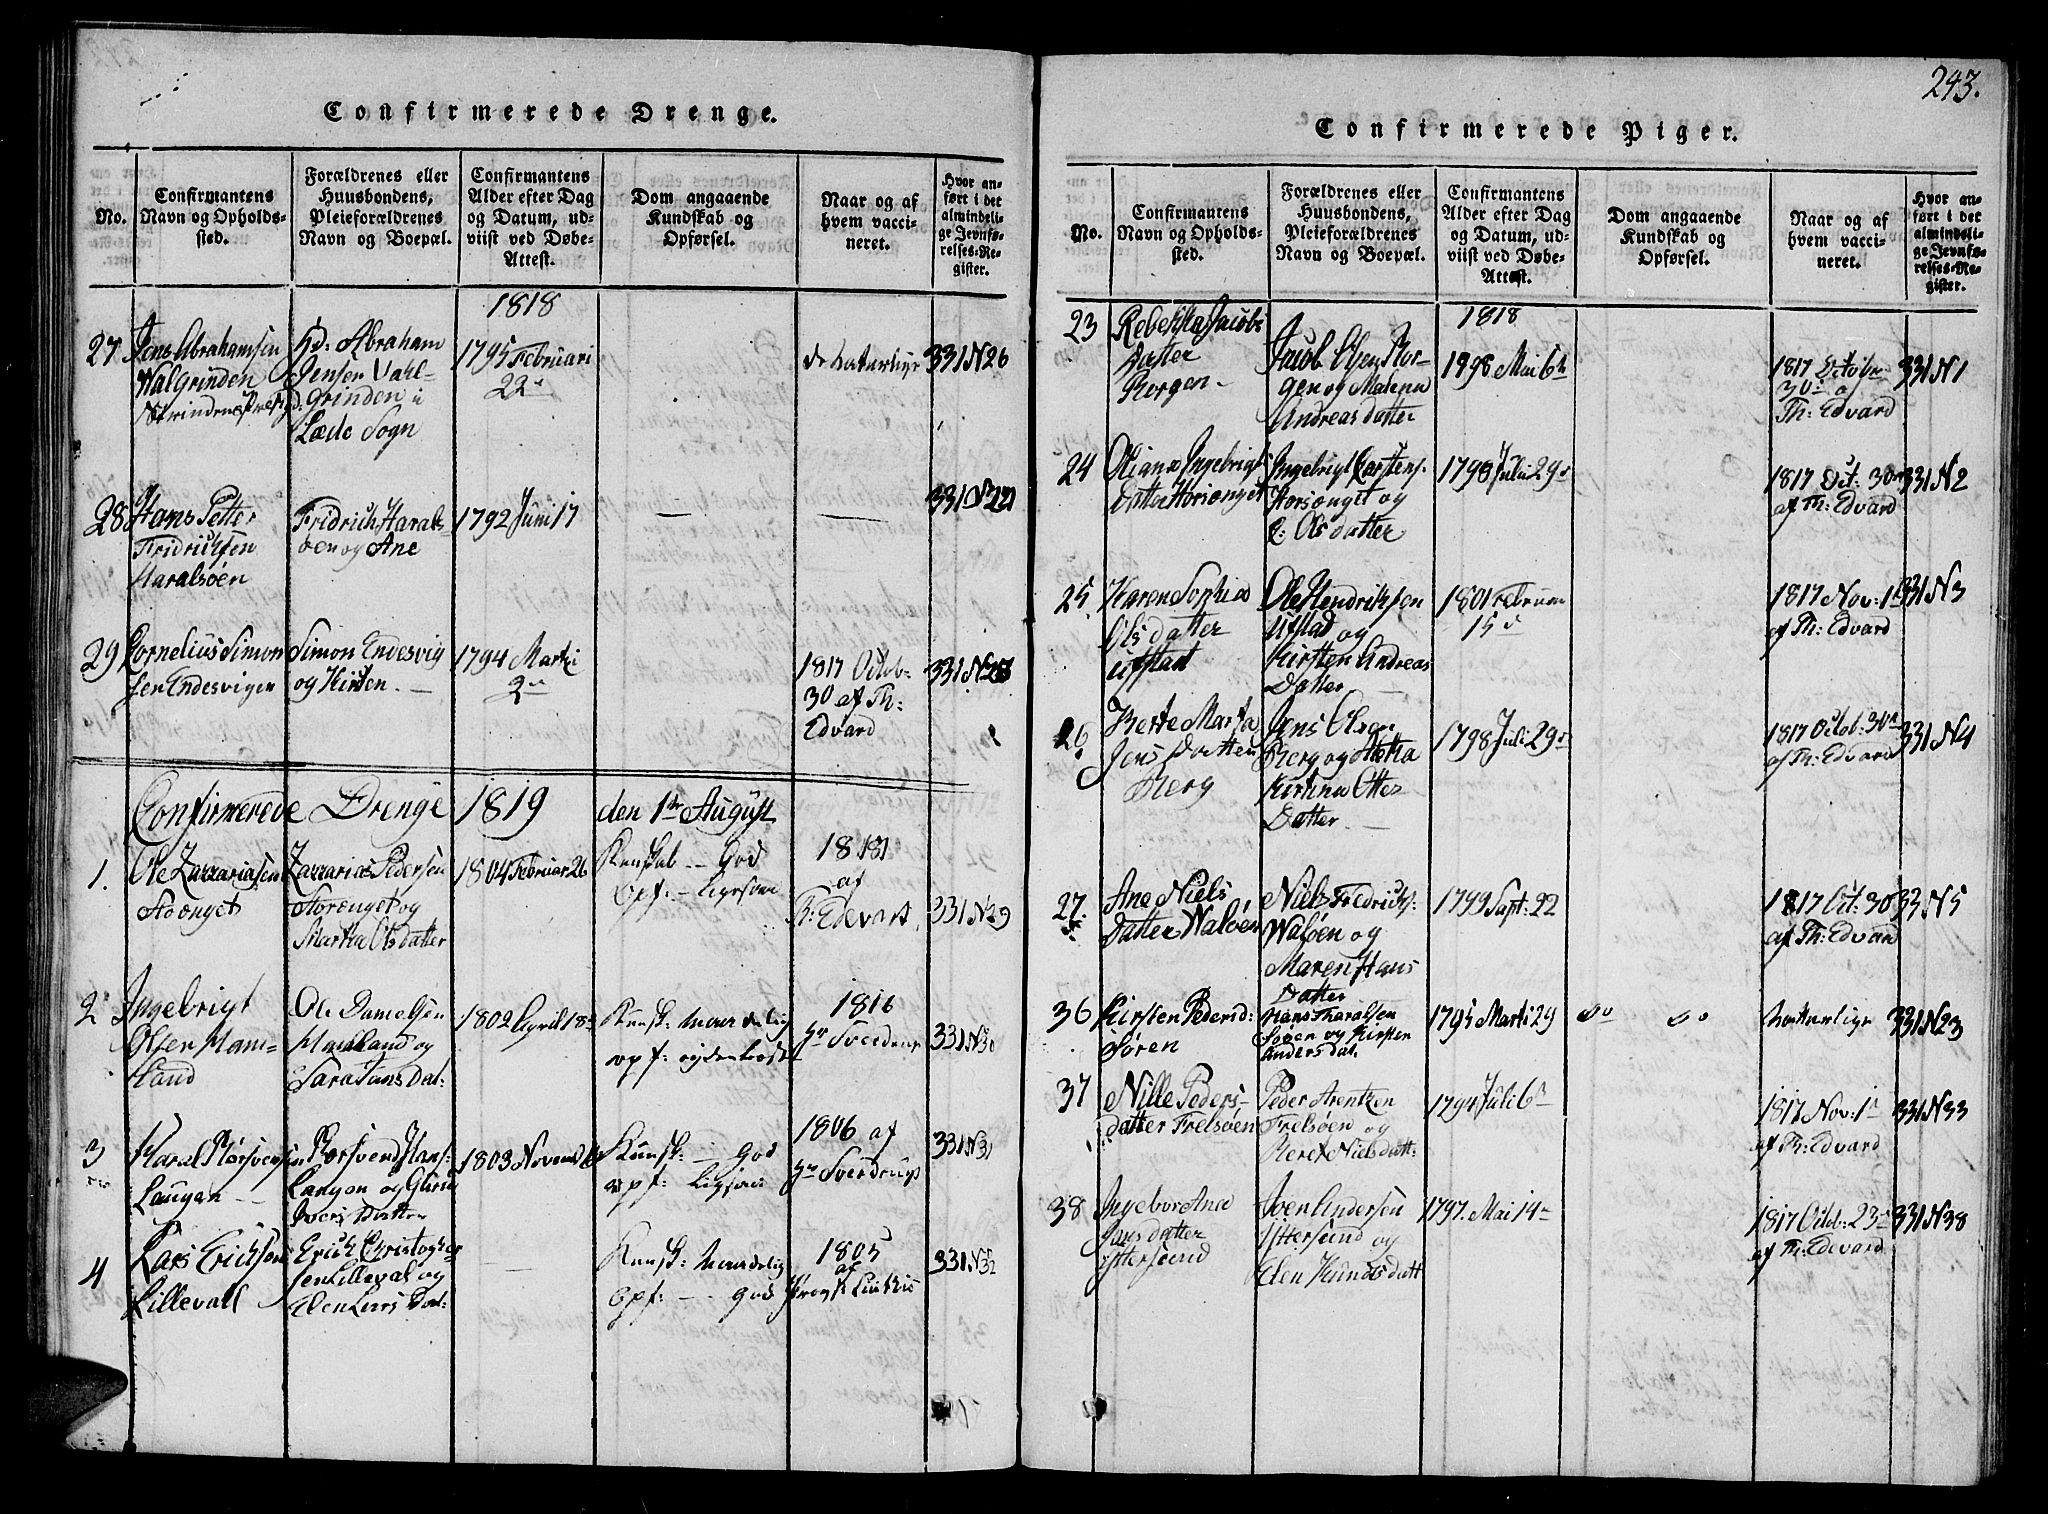 SAT, Ministerialprotokoller, klokkerbøker og fødselsregistre - Nord-Trøndelag, 784/L0679: Klokkerbok nr. 784C01 /1, 1816-1822, s. 243